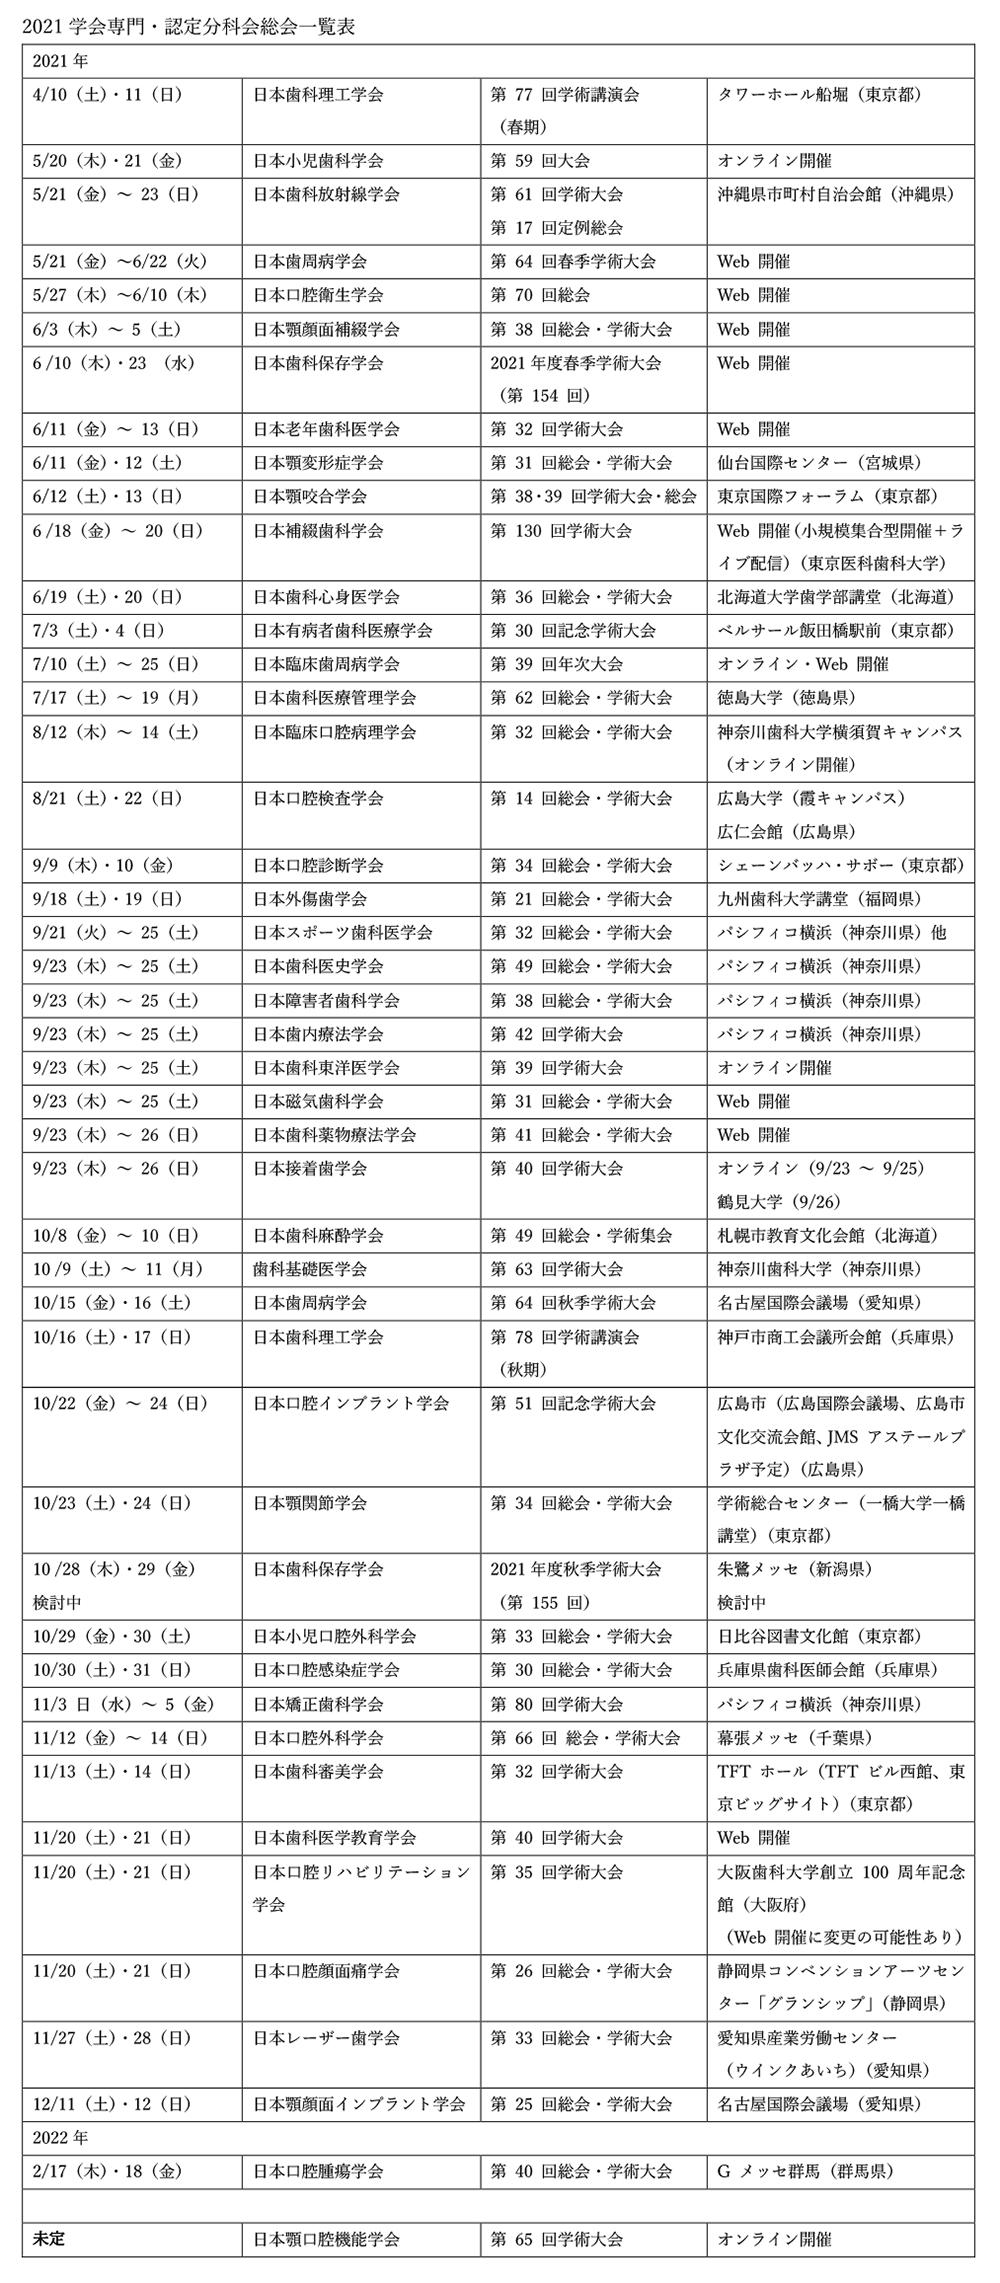 2021学会専門・認定分科会総会一覧表